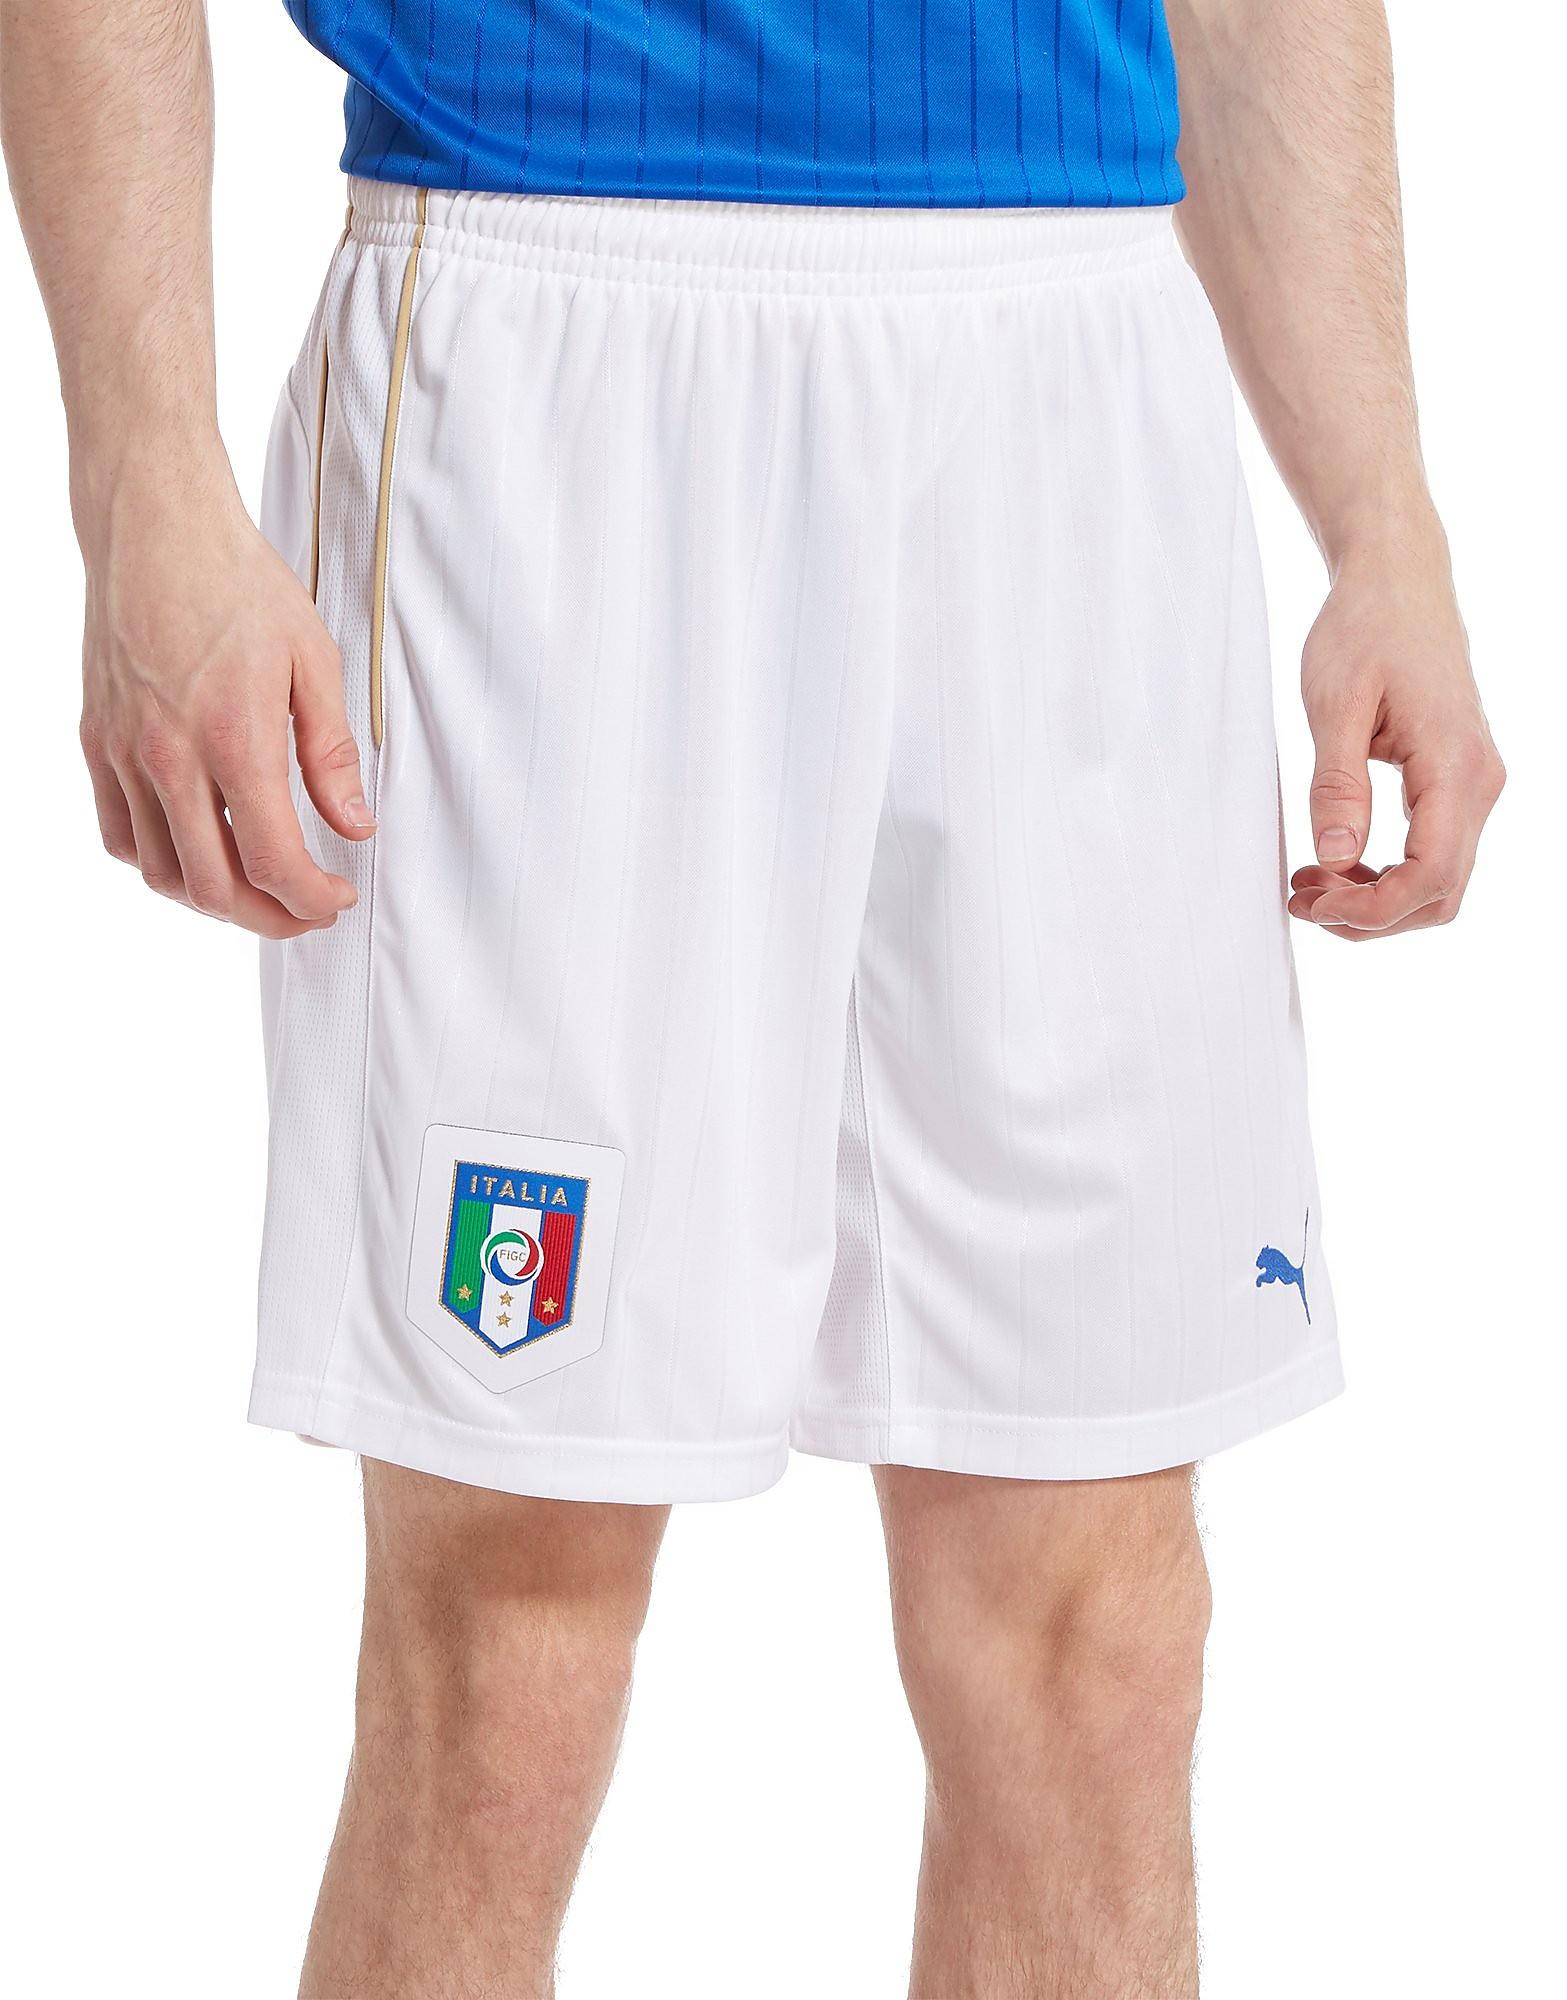 PUMA Italy Home 2016 Shorts